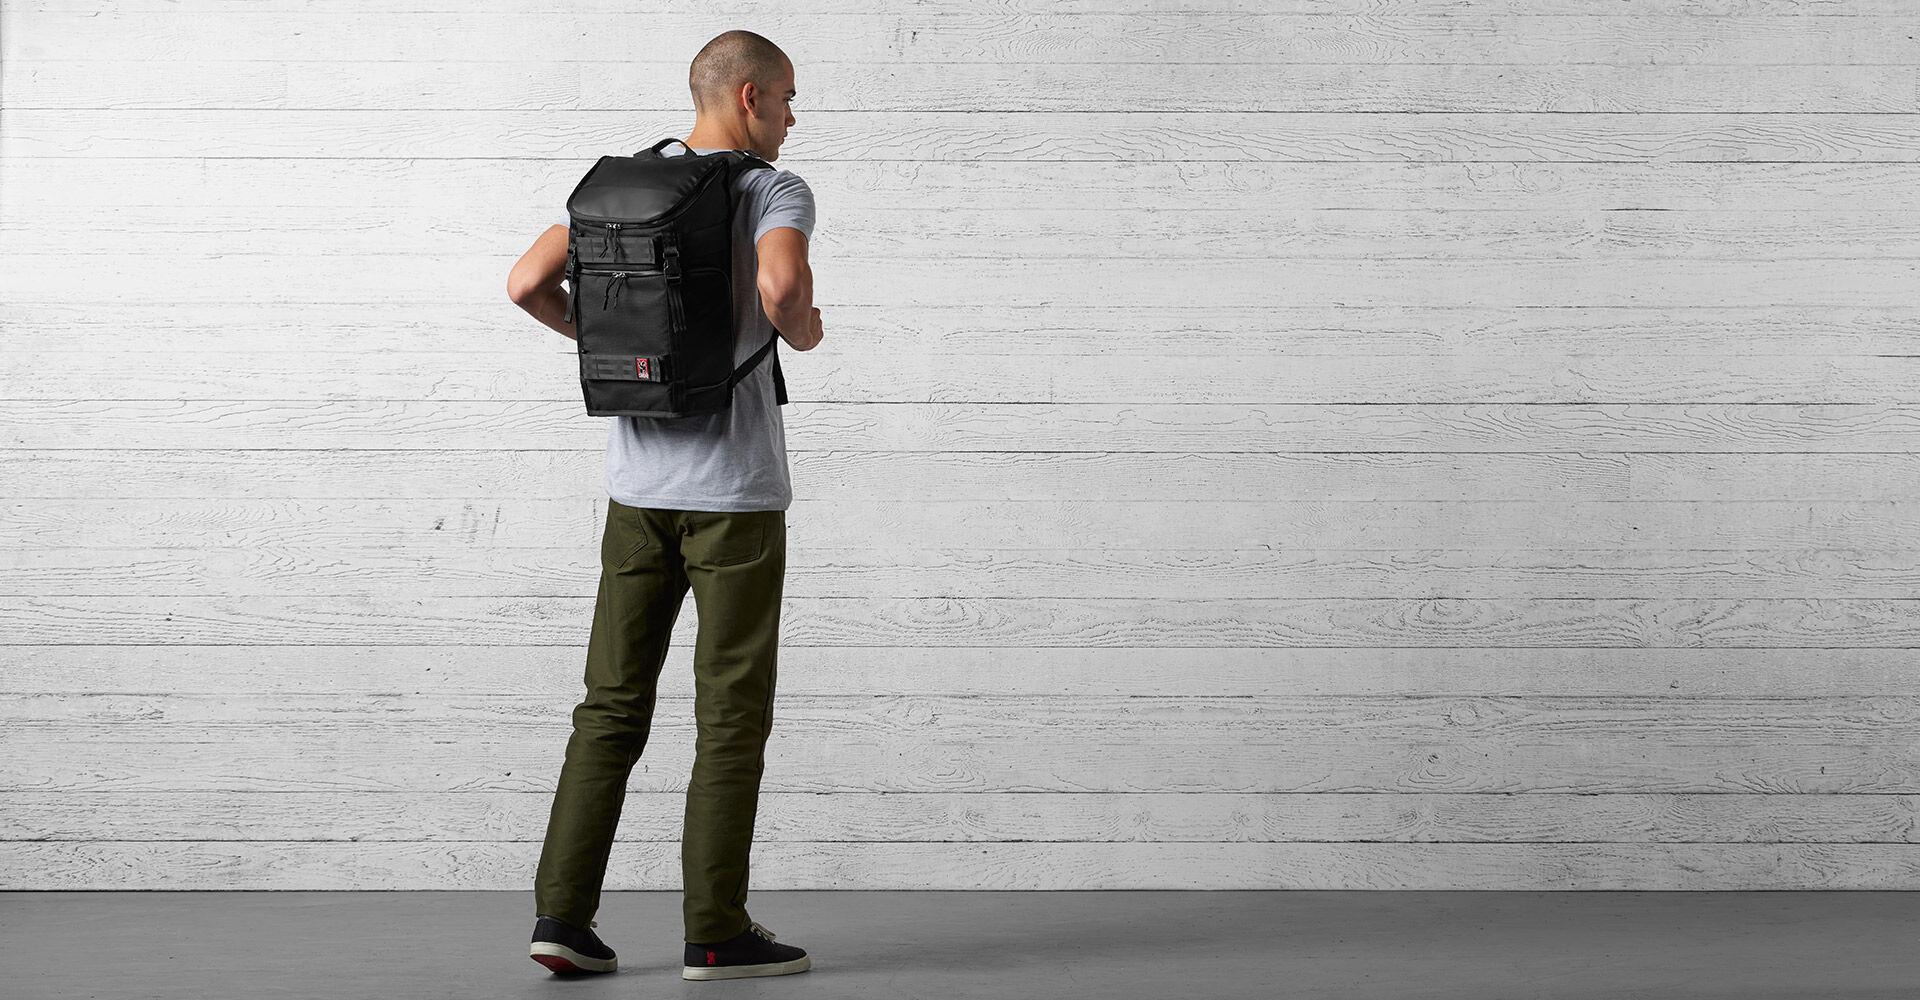 Niko Pack Backpack in Black - wide view.